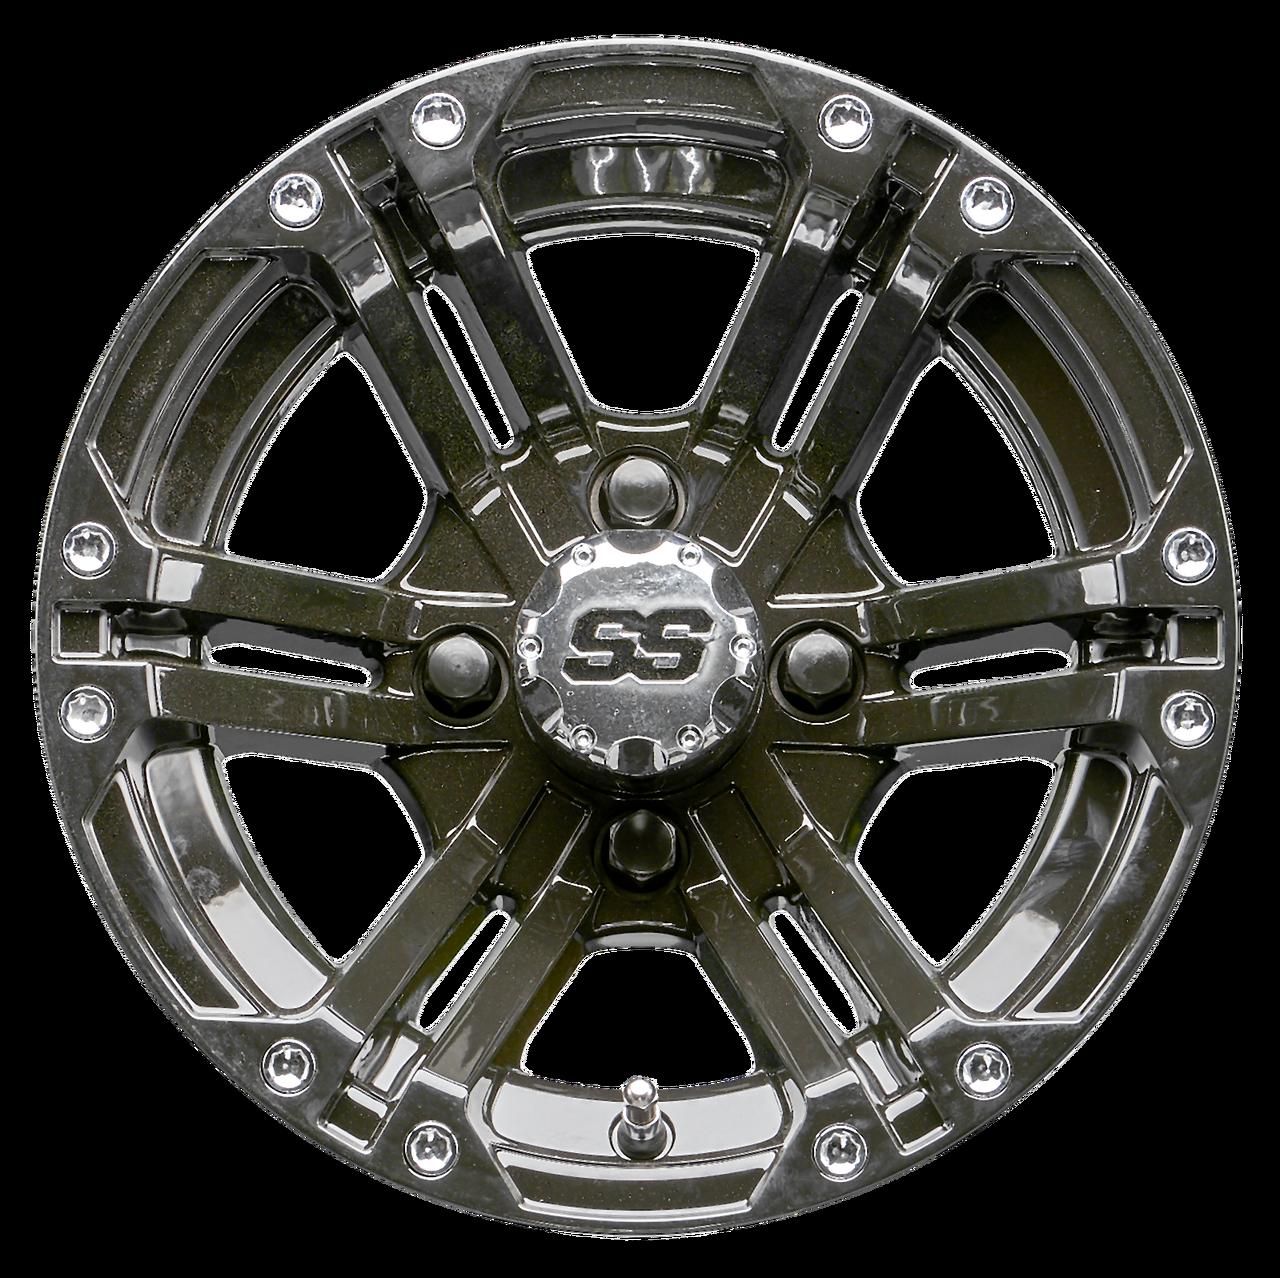 9ae062b90c8 12 inch RHOX RX331 Black Golf Cart Wheel